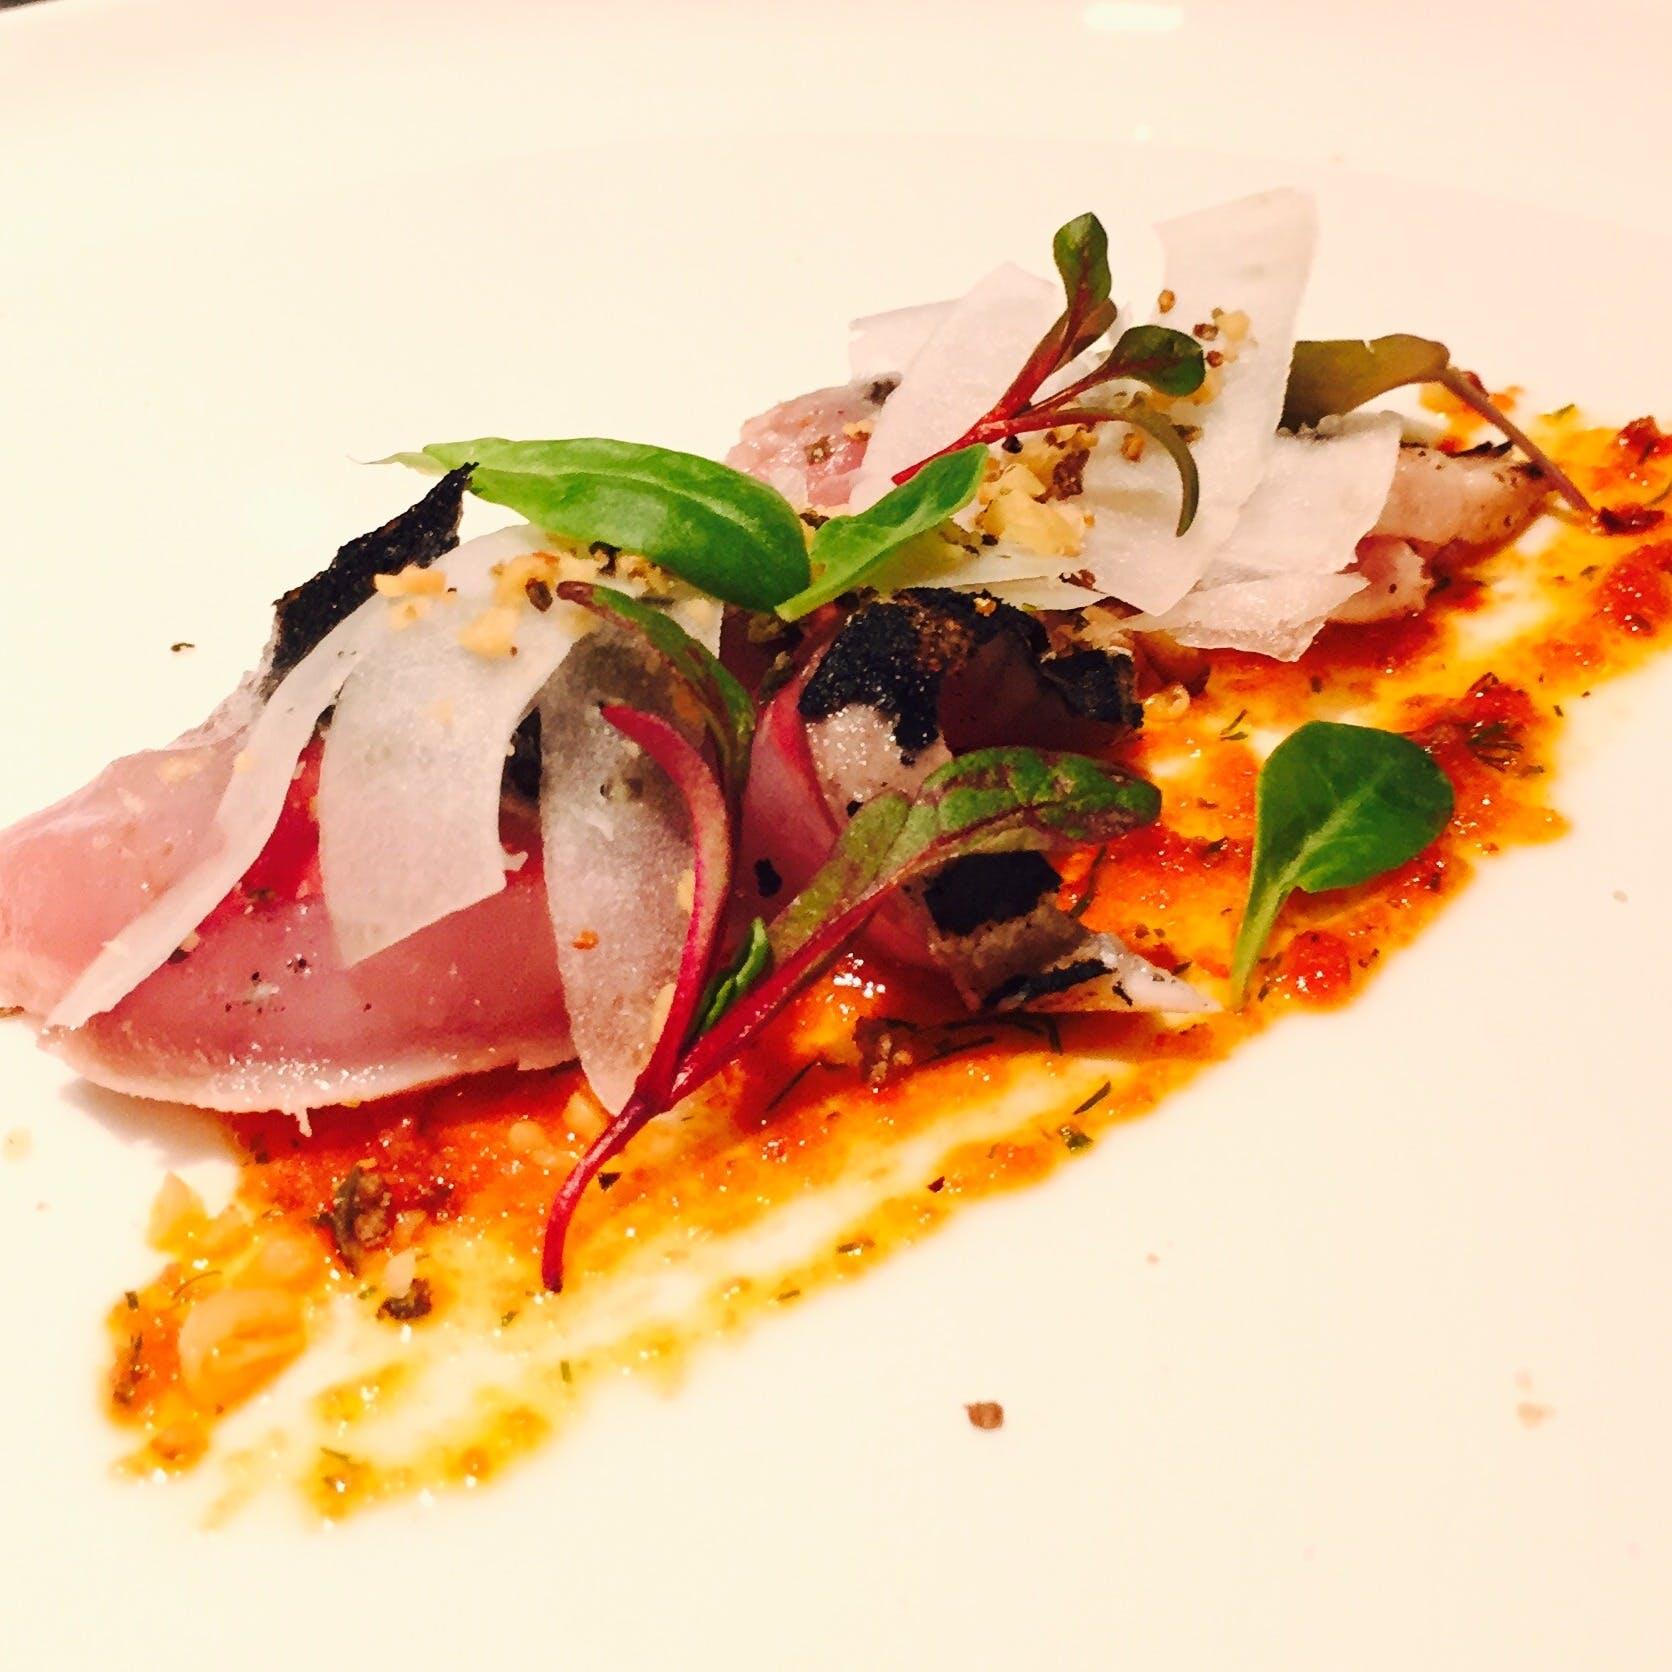 イタリアを知る料理人のイタリア料理とイタリアワインのマリアージュ